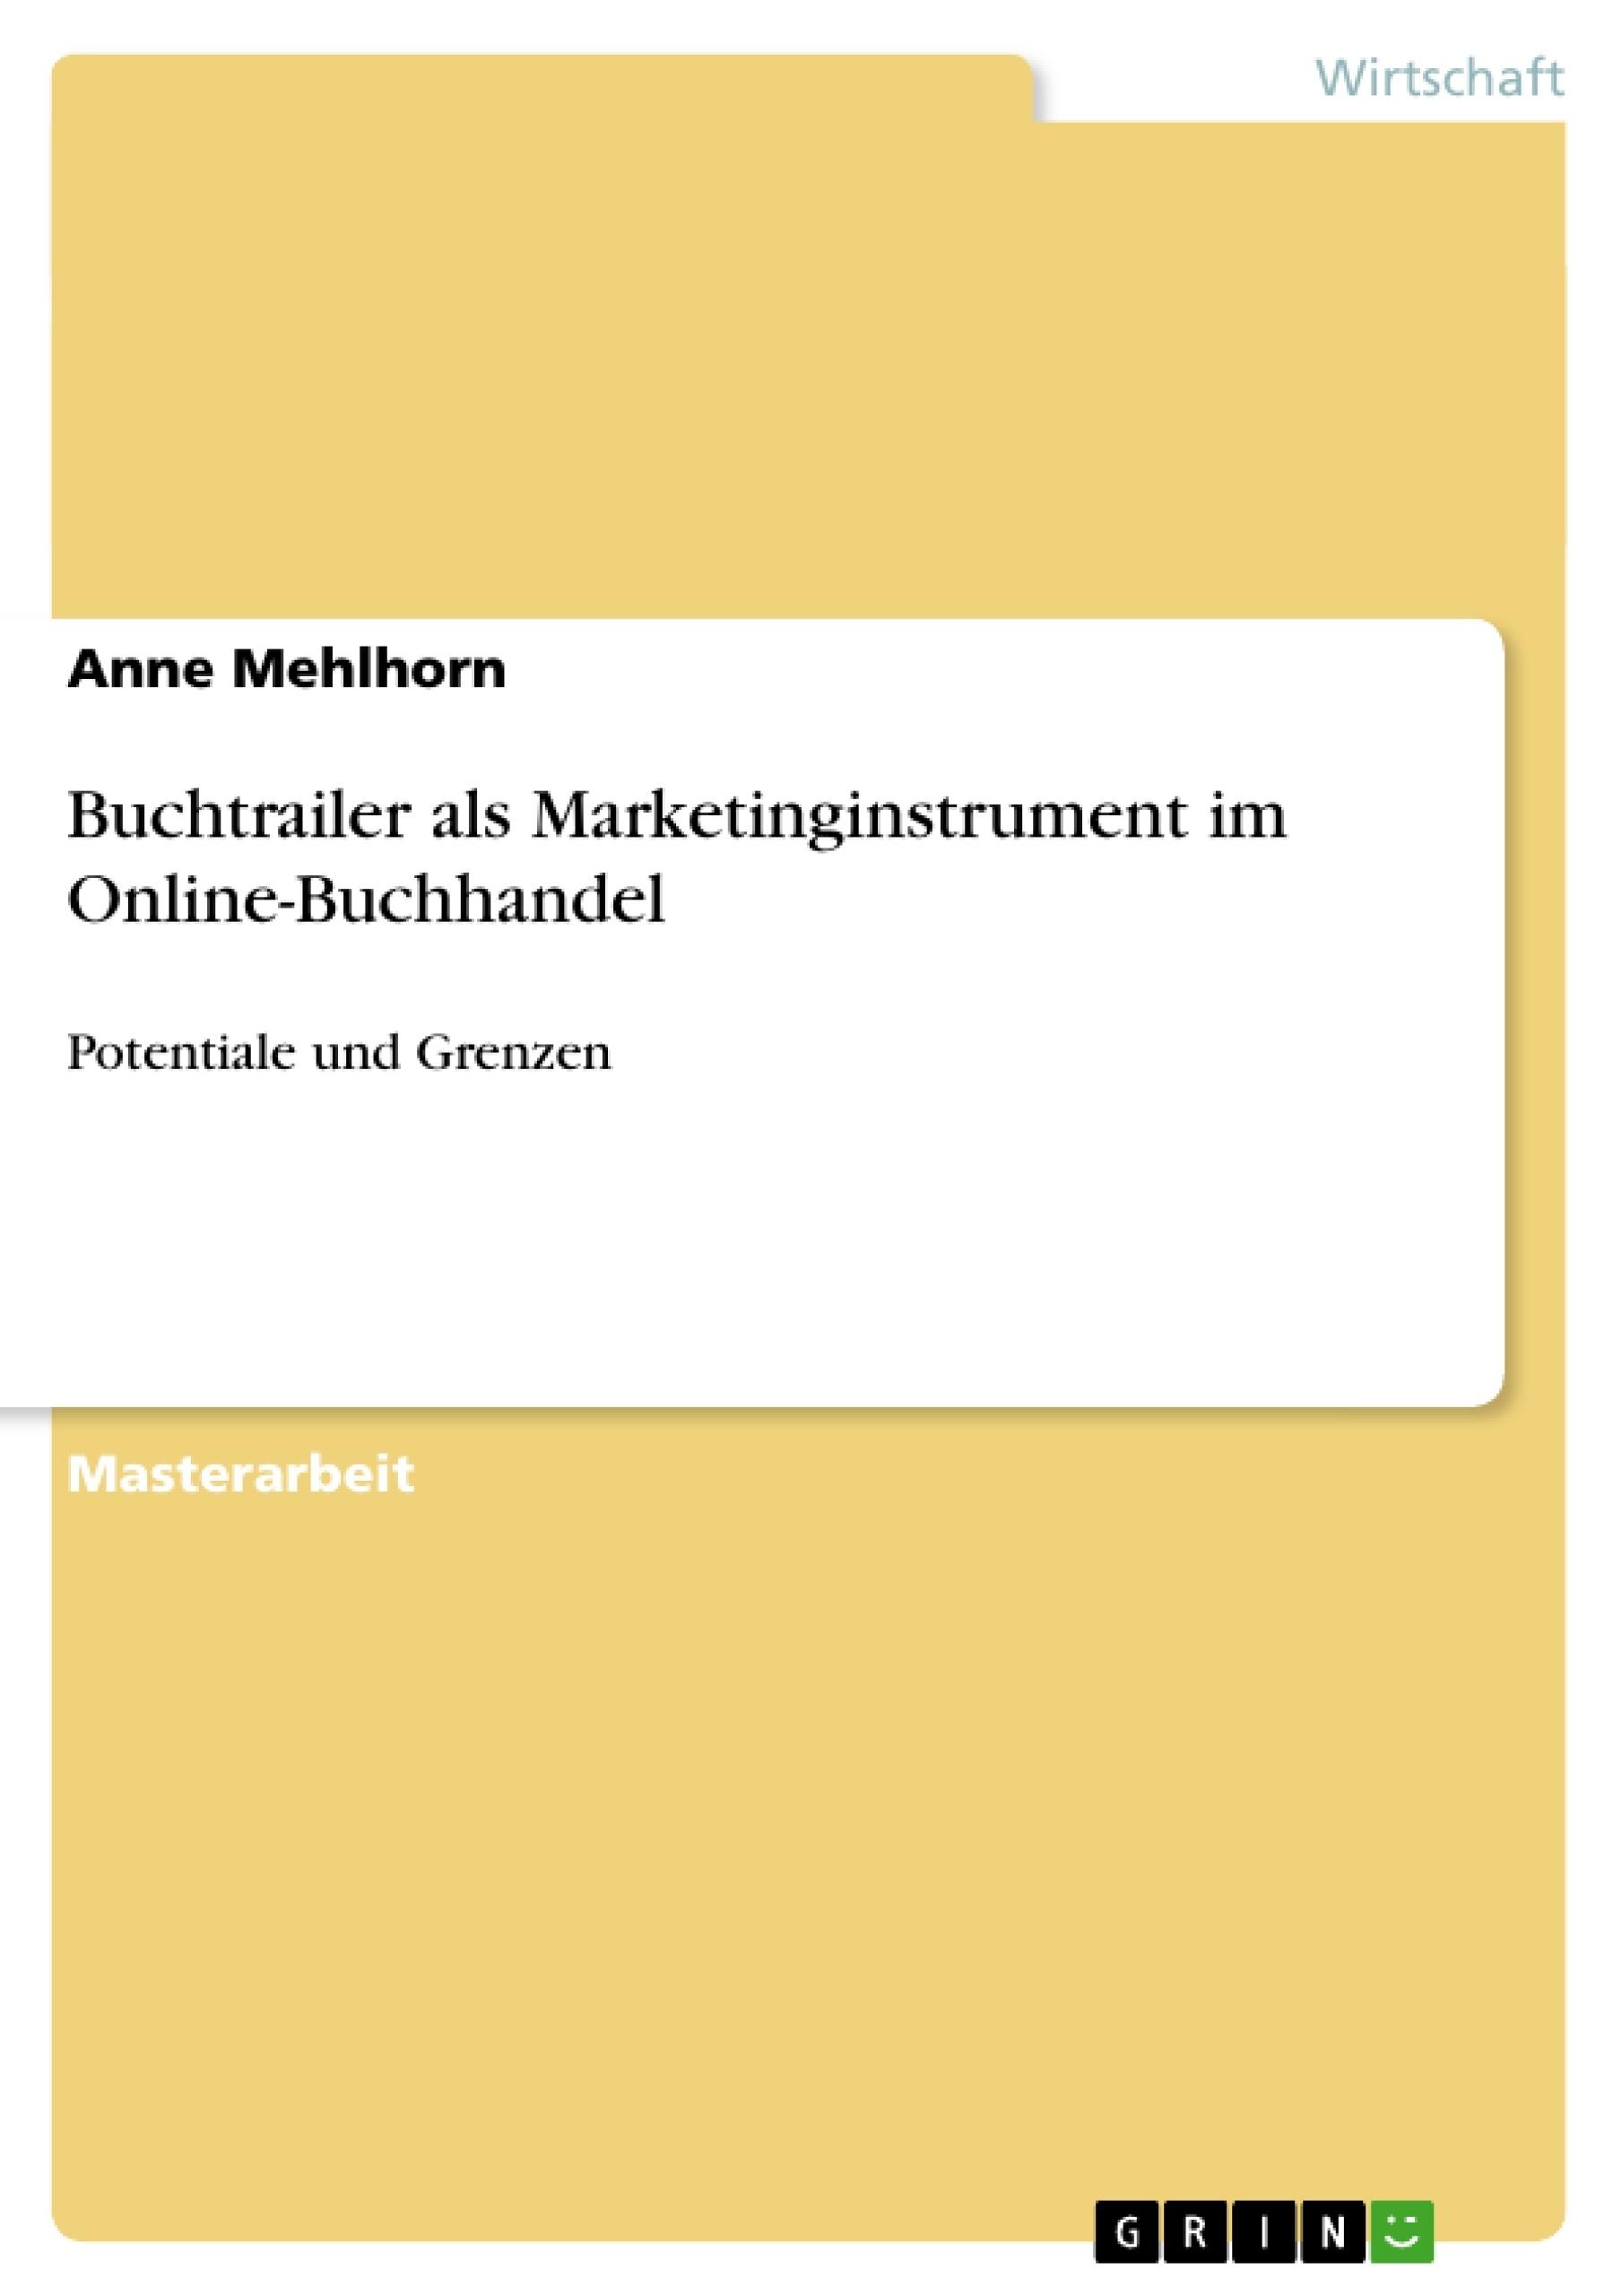 Titel: Buchtrailer als Marketinginstrument im Online-Buchhandel